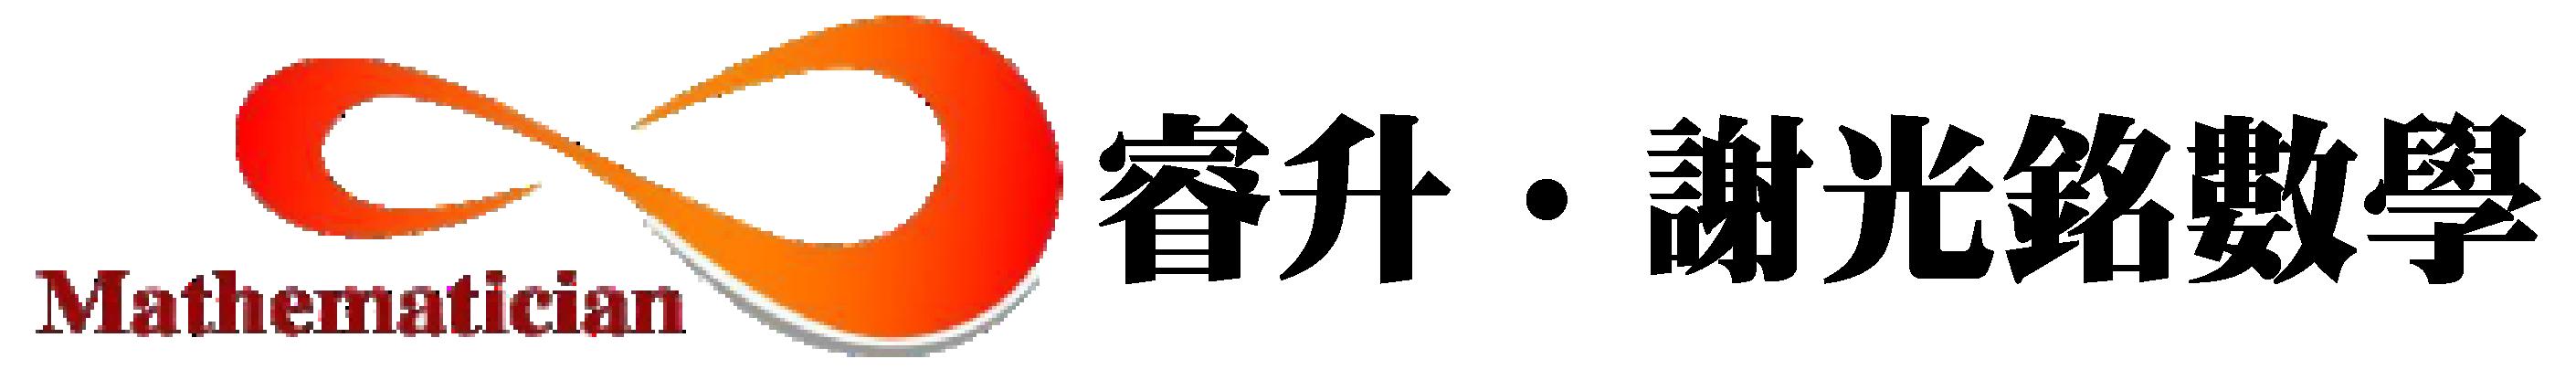 睿升logo-01.png